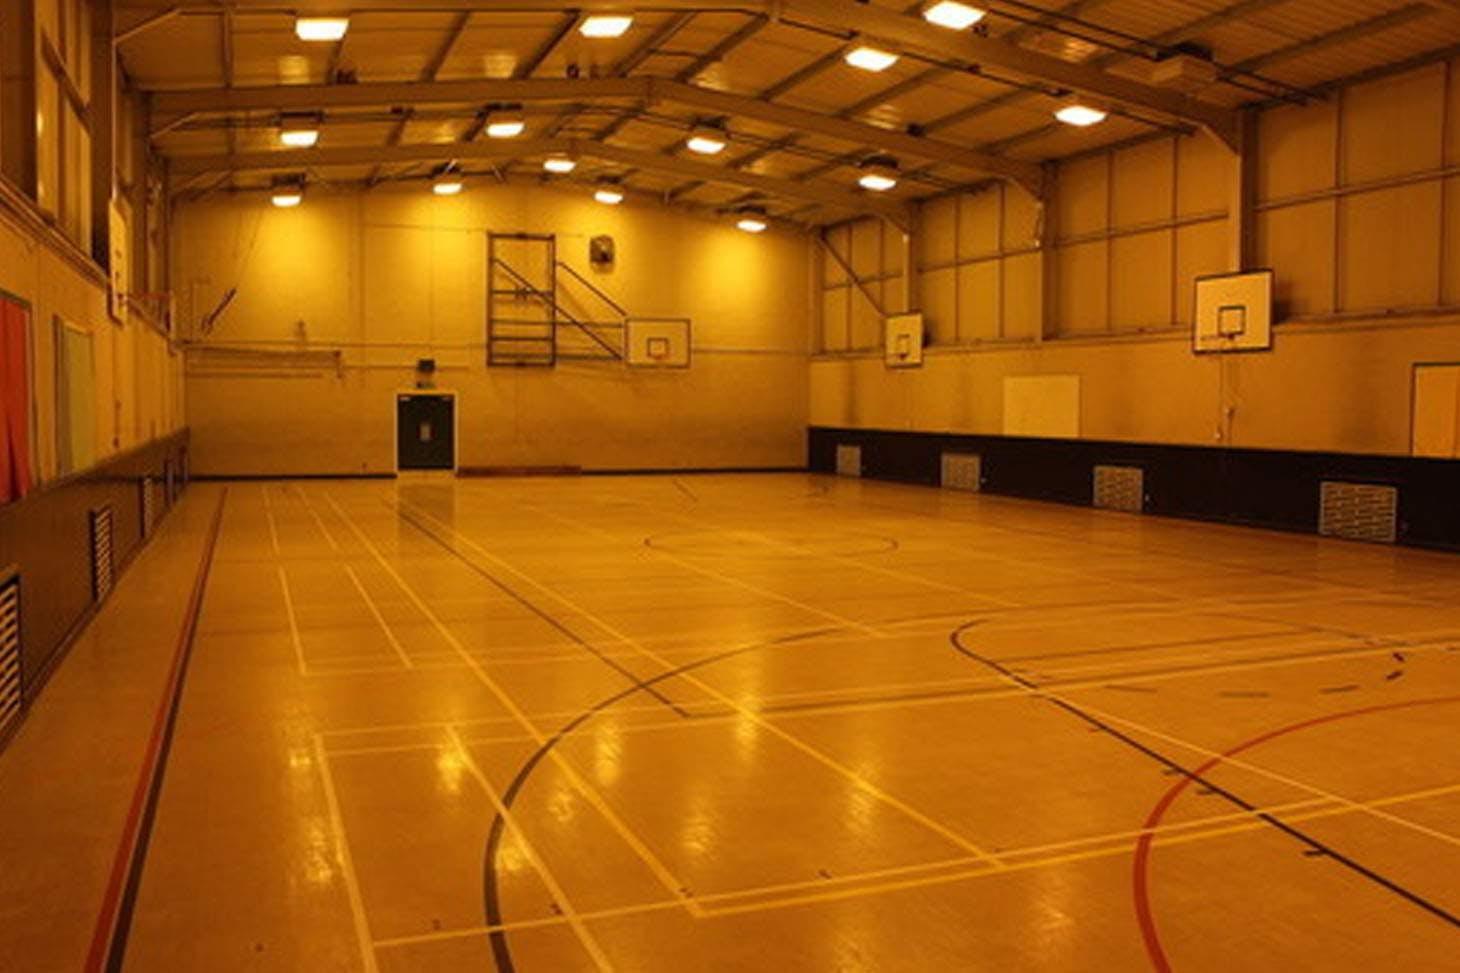 Light Hall School Indoor badminton court